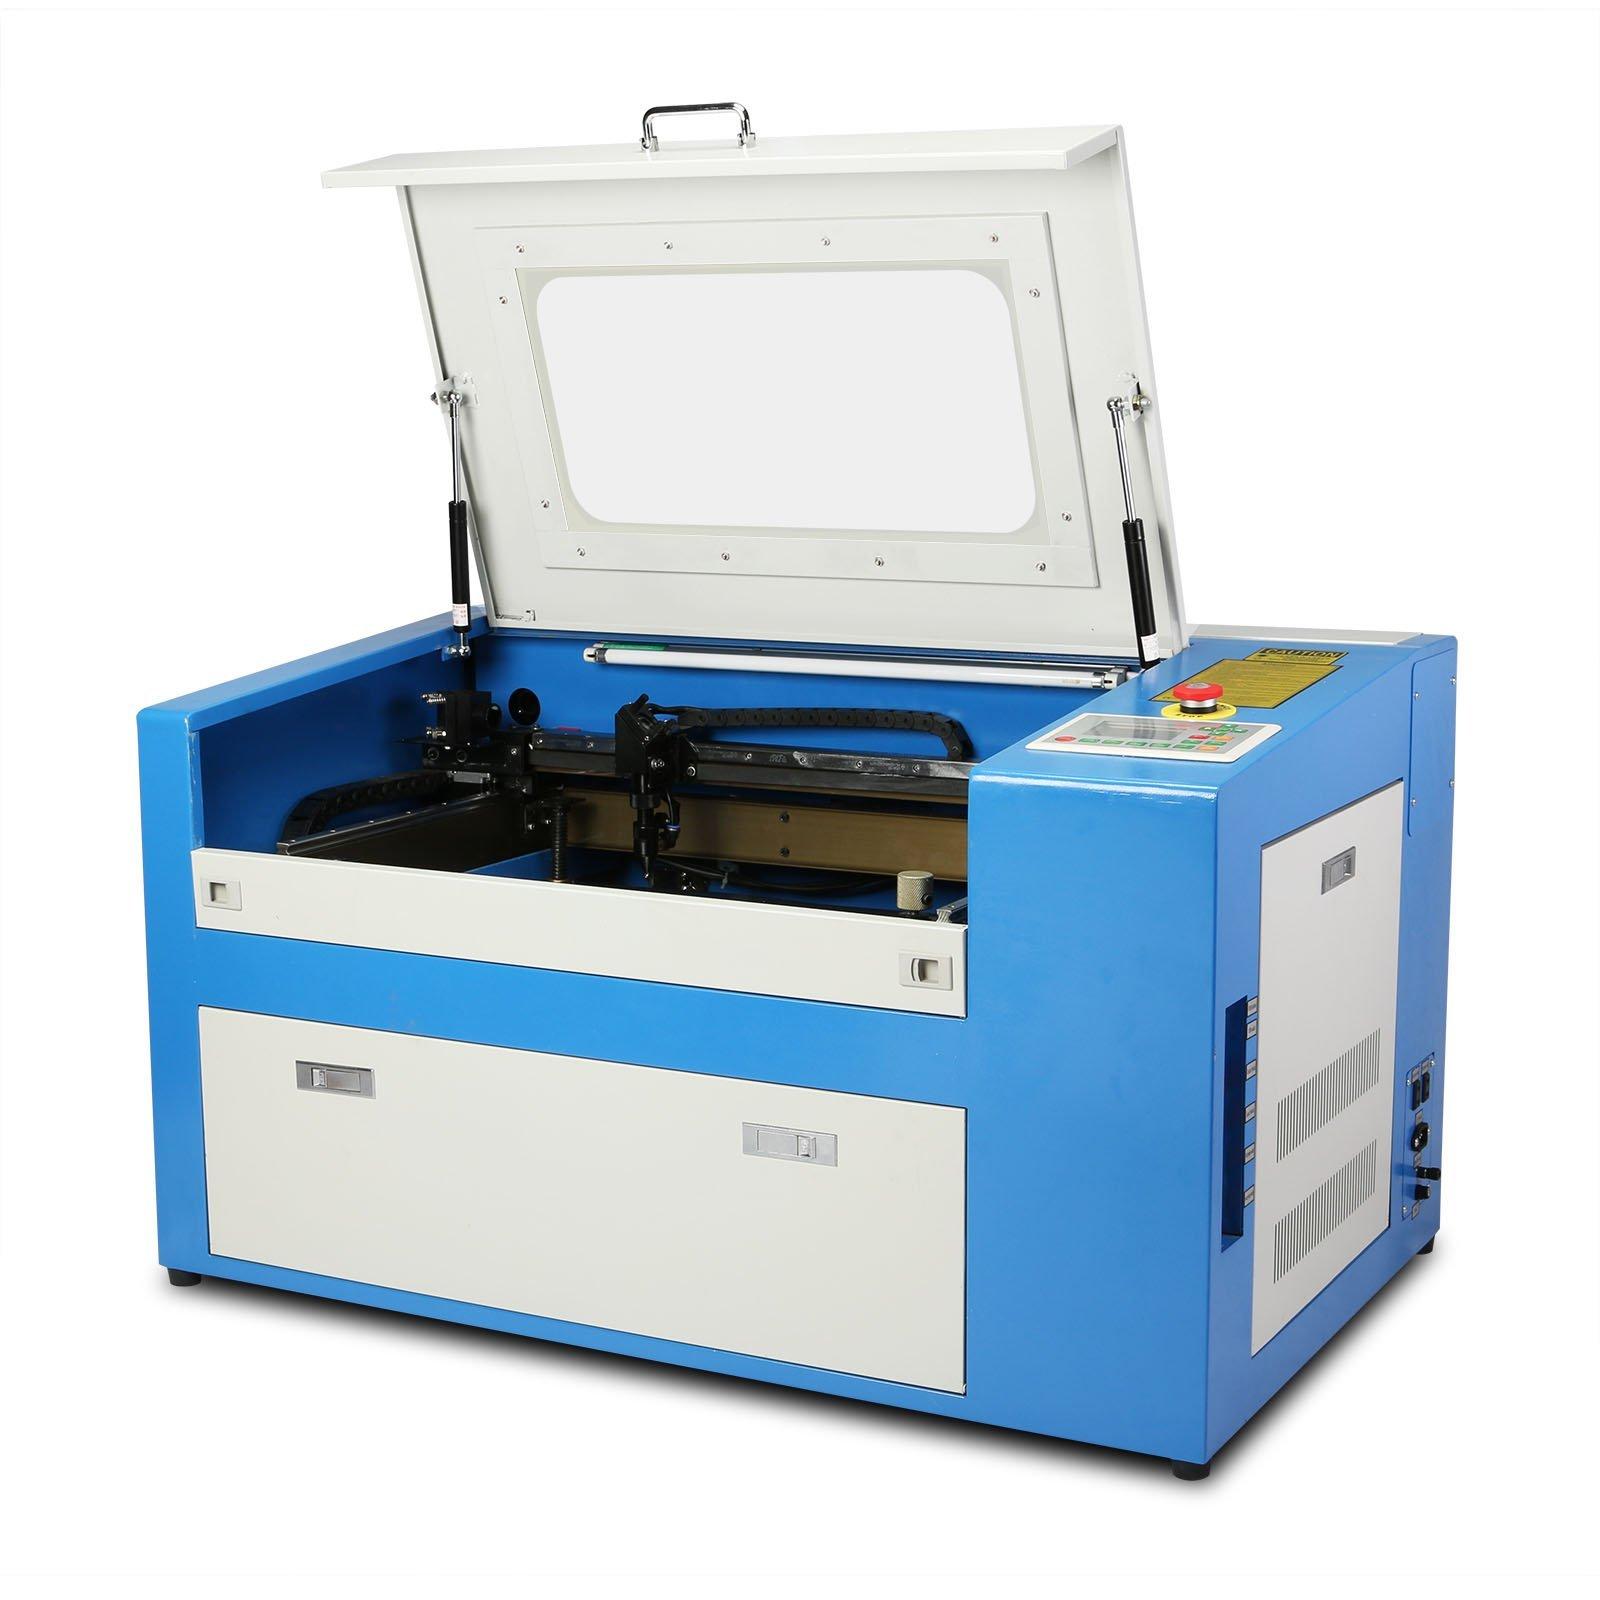 VEVOR Máquina de Grabado Láser Co2 Laser de Corte de Máquina Laser Engraving Machine 50W de Alta Precisión Ofrece Unos Grabados Más Precisos (50W): Amazon.es: Bricolaje y herramientas